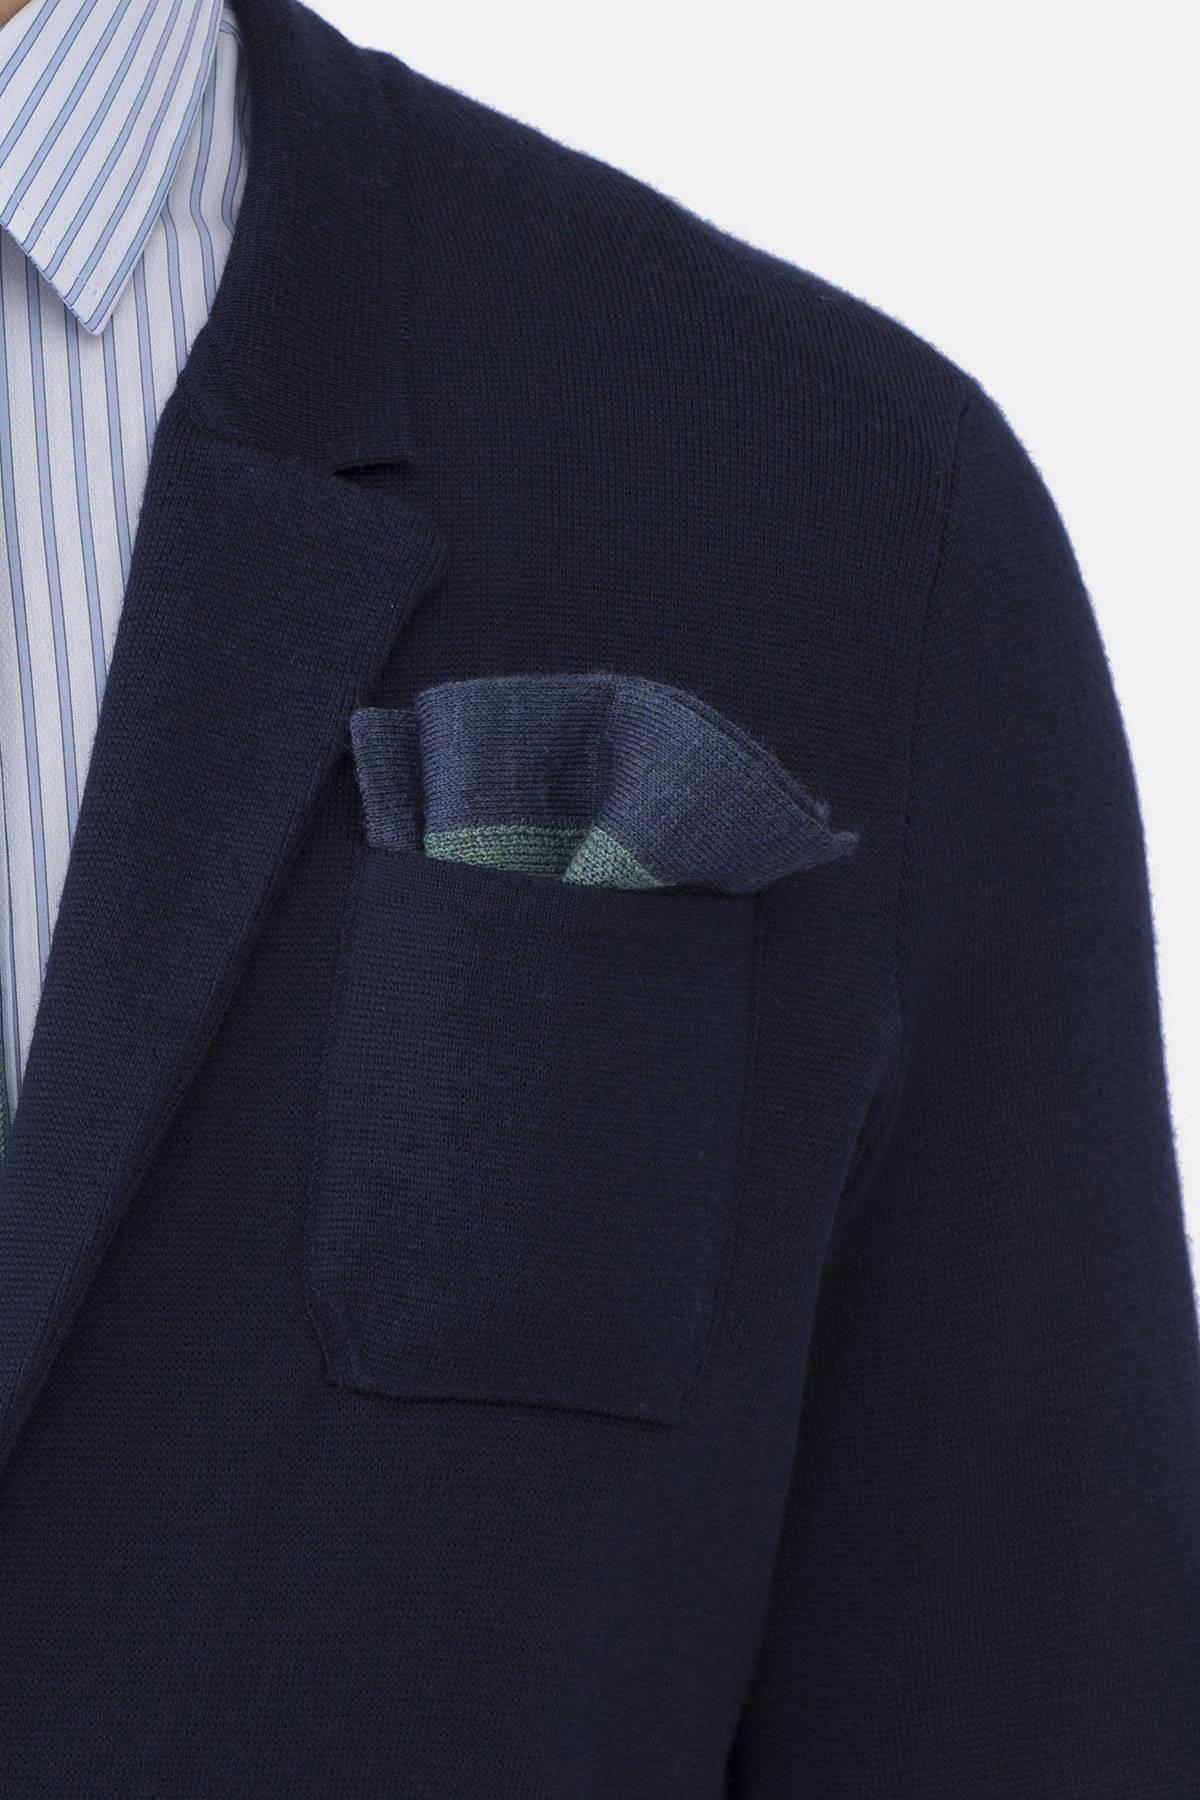 Açık Yeşil Örgü Ceket Mendili